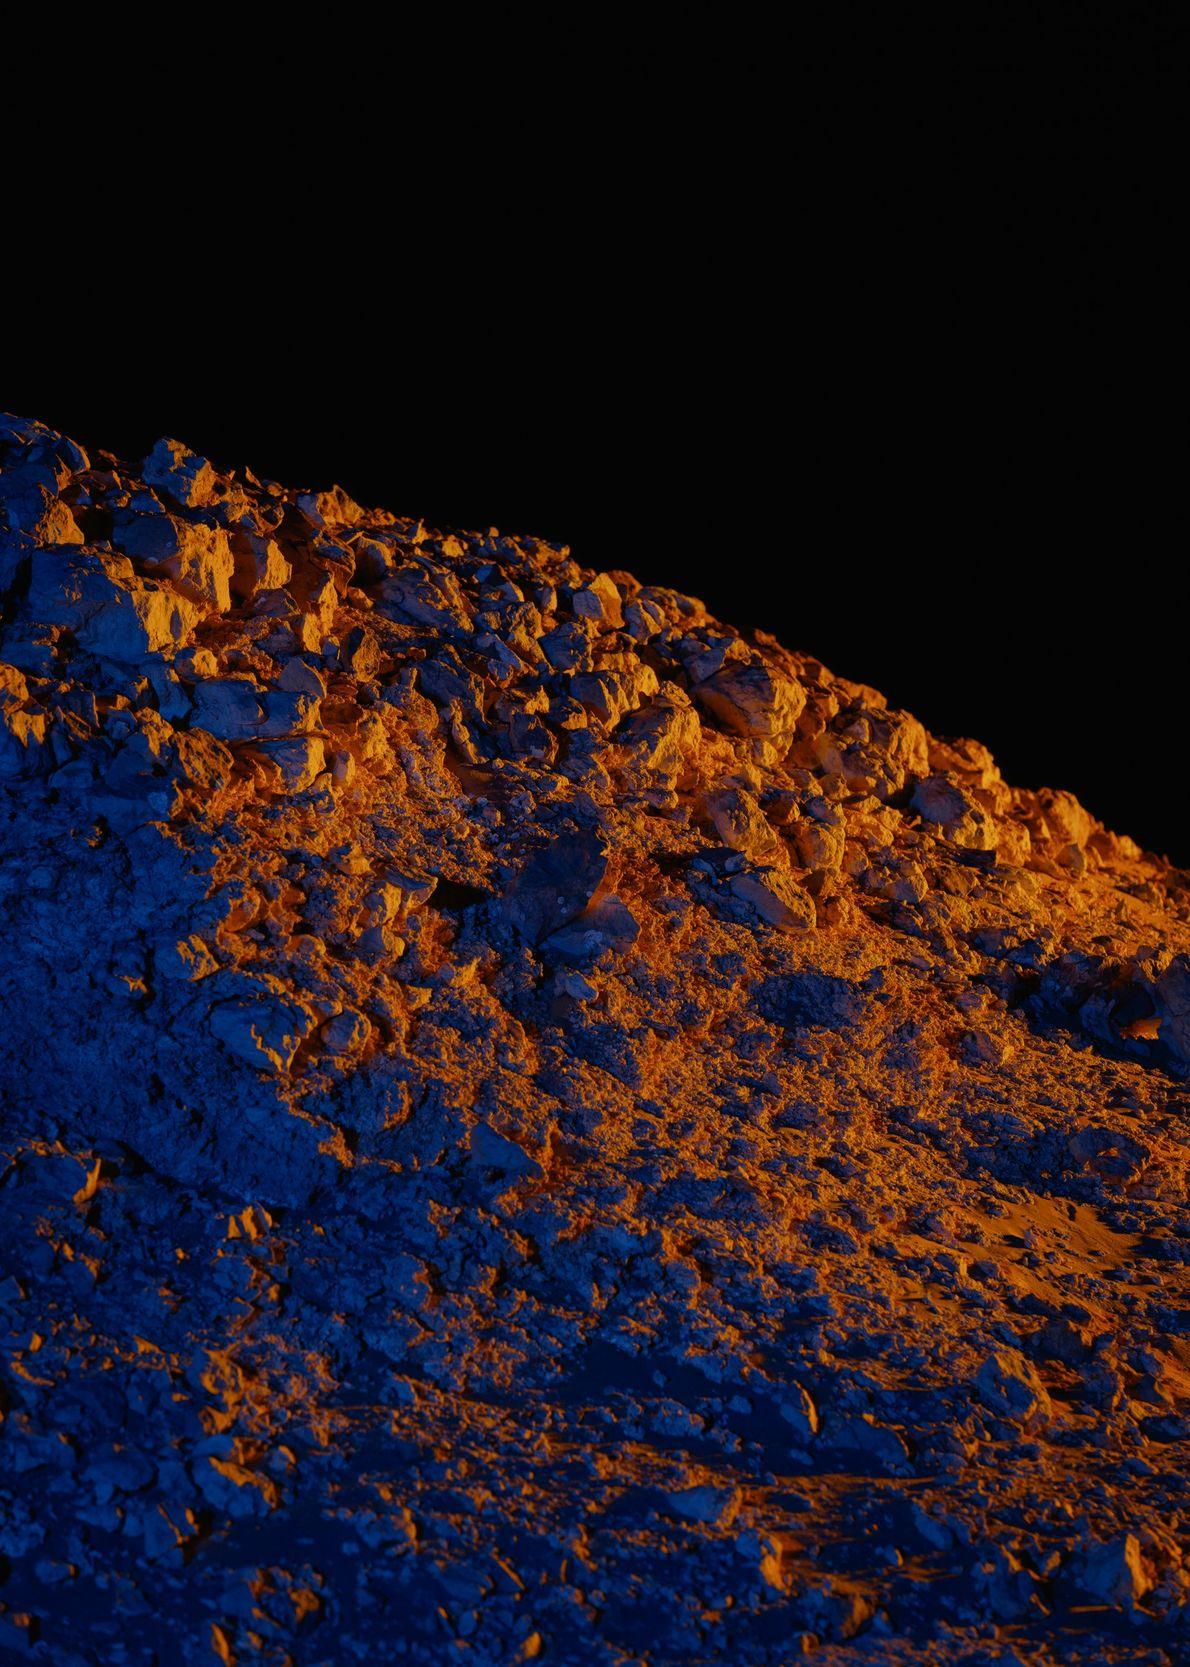 Iluminação artificial coloca um afloramento rochoso a norte da Estação Kepler em relevo absoluto.